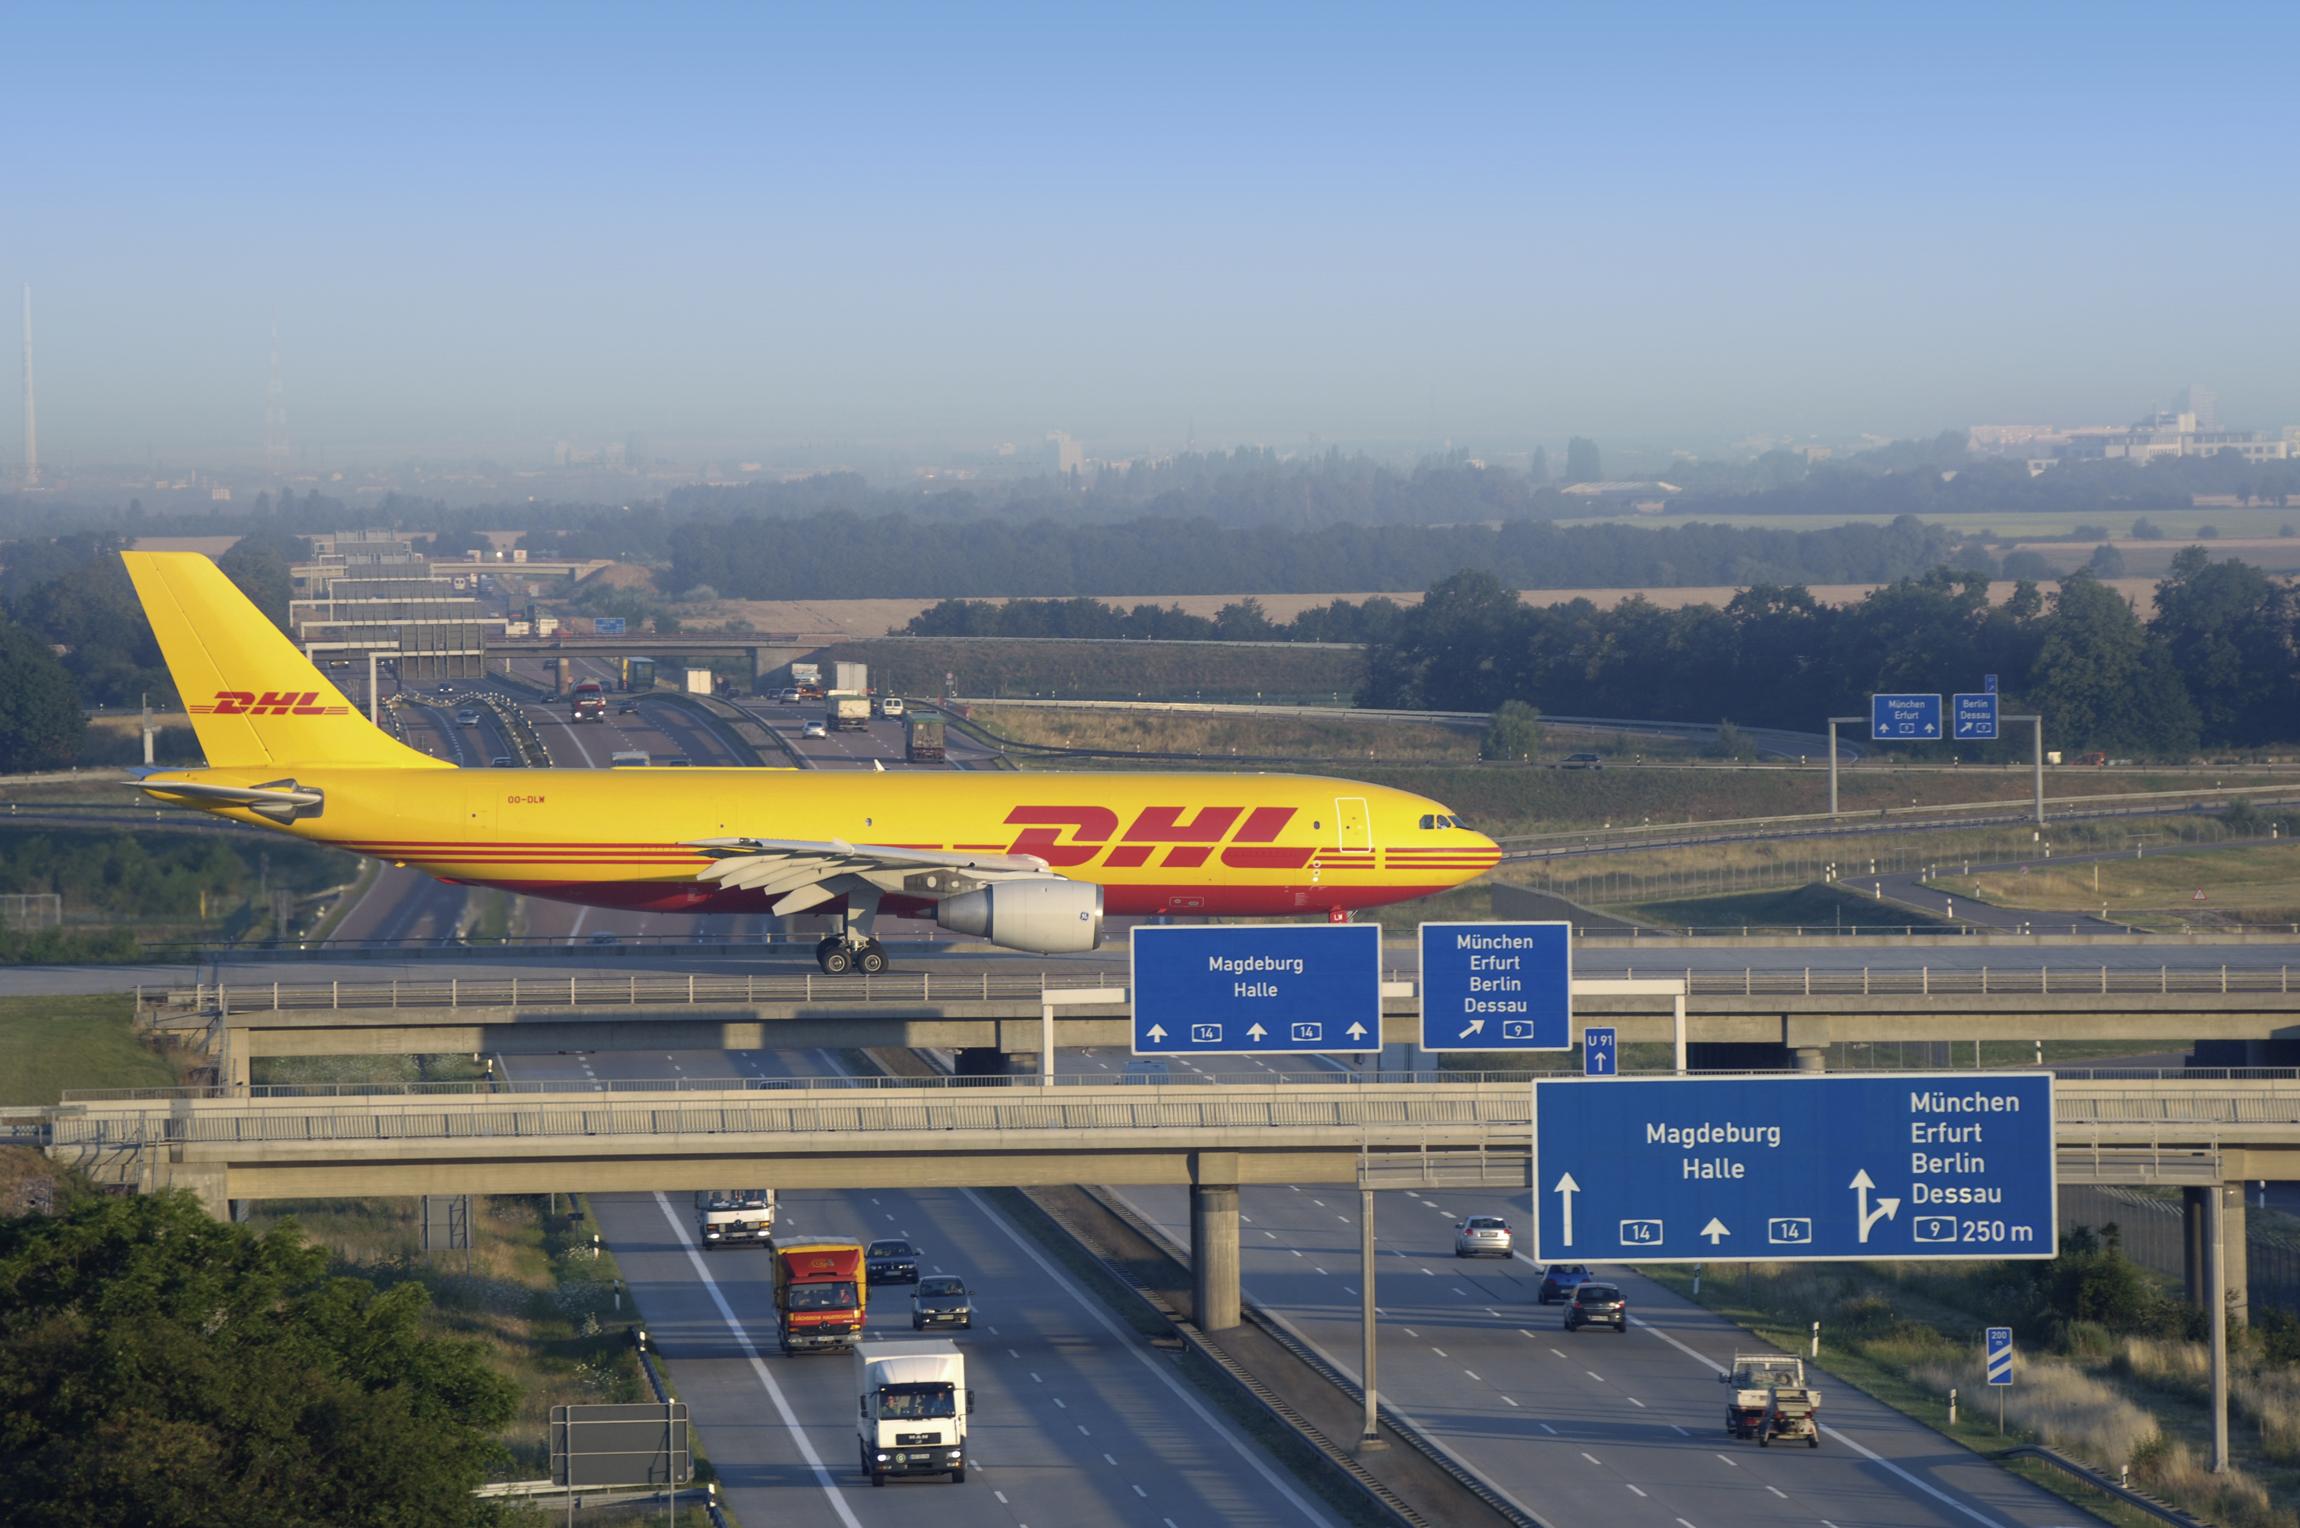 DHL nâng cấp đội bay tại châu Âu với 13 máy bay mới